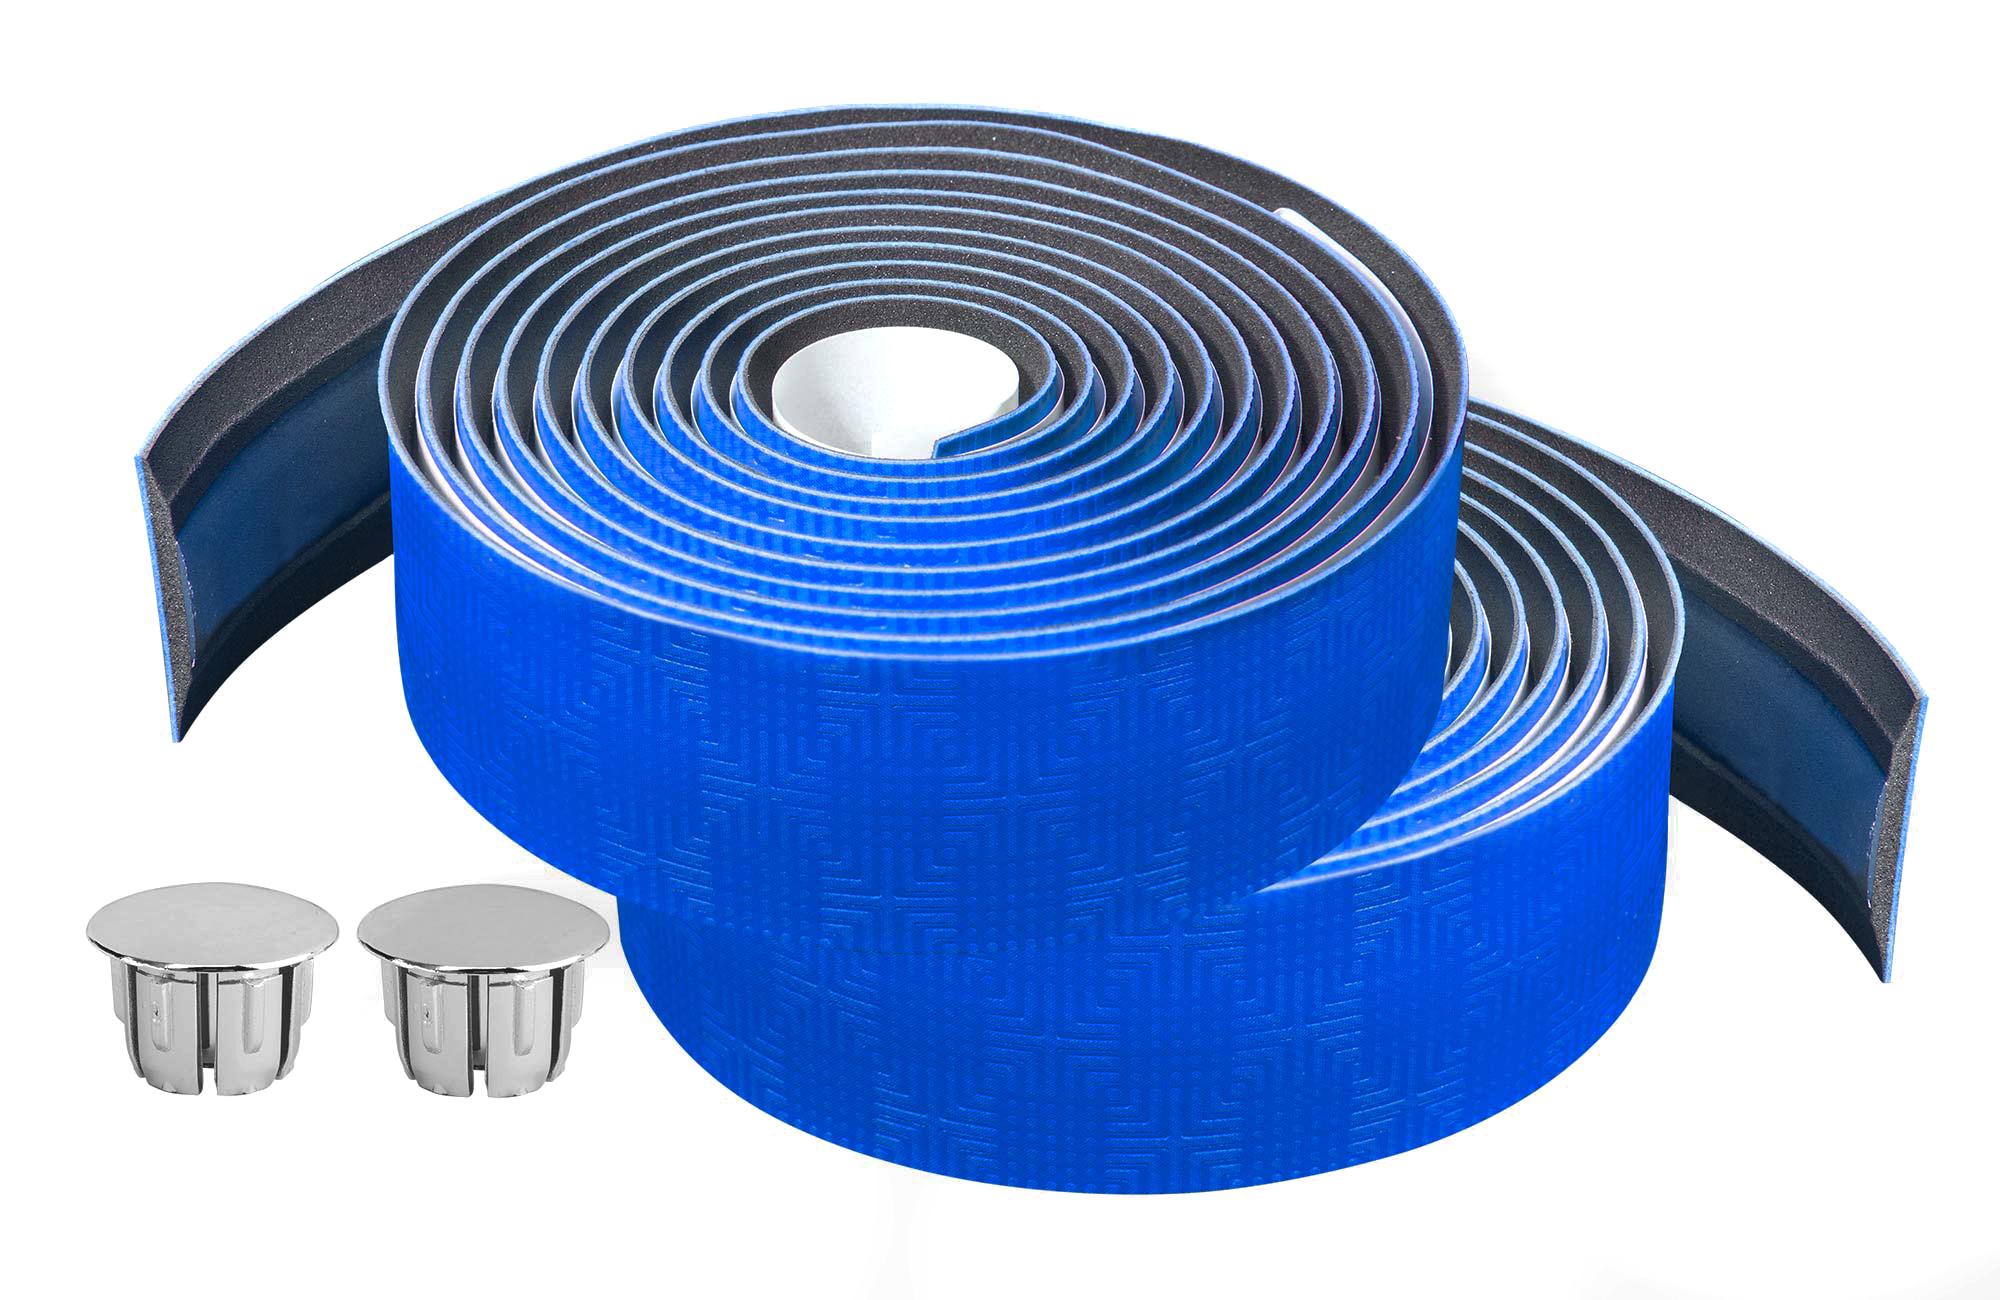 Купить Лента (обмотка руля) VLT-061 SG 2шт.x2м в интернет магазине. Цены, фото, описания, характеристики, отзывы, обзоры